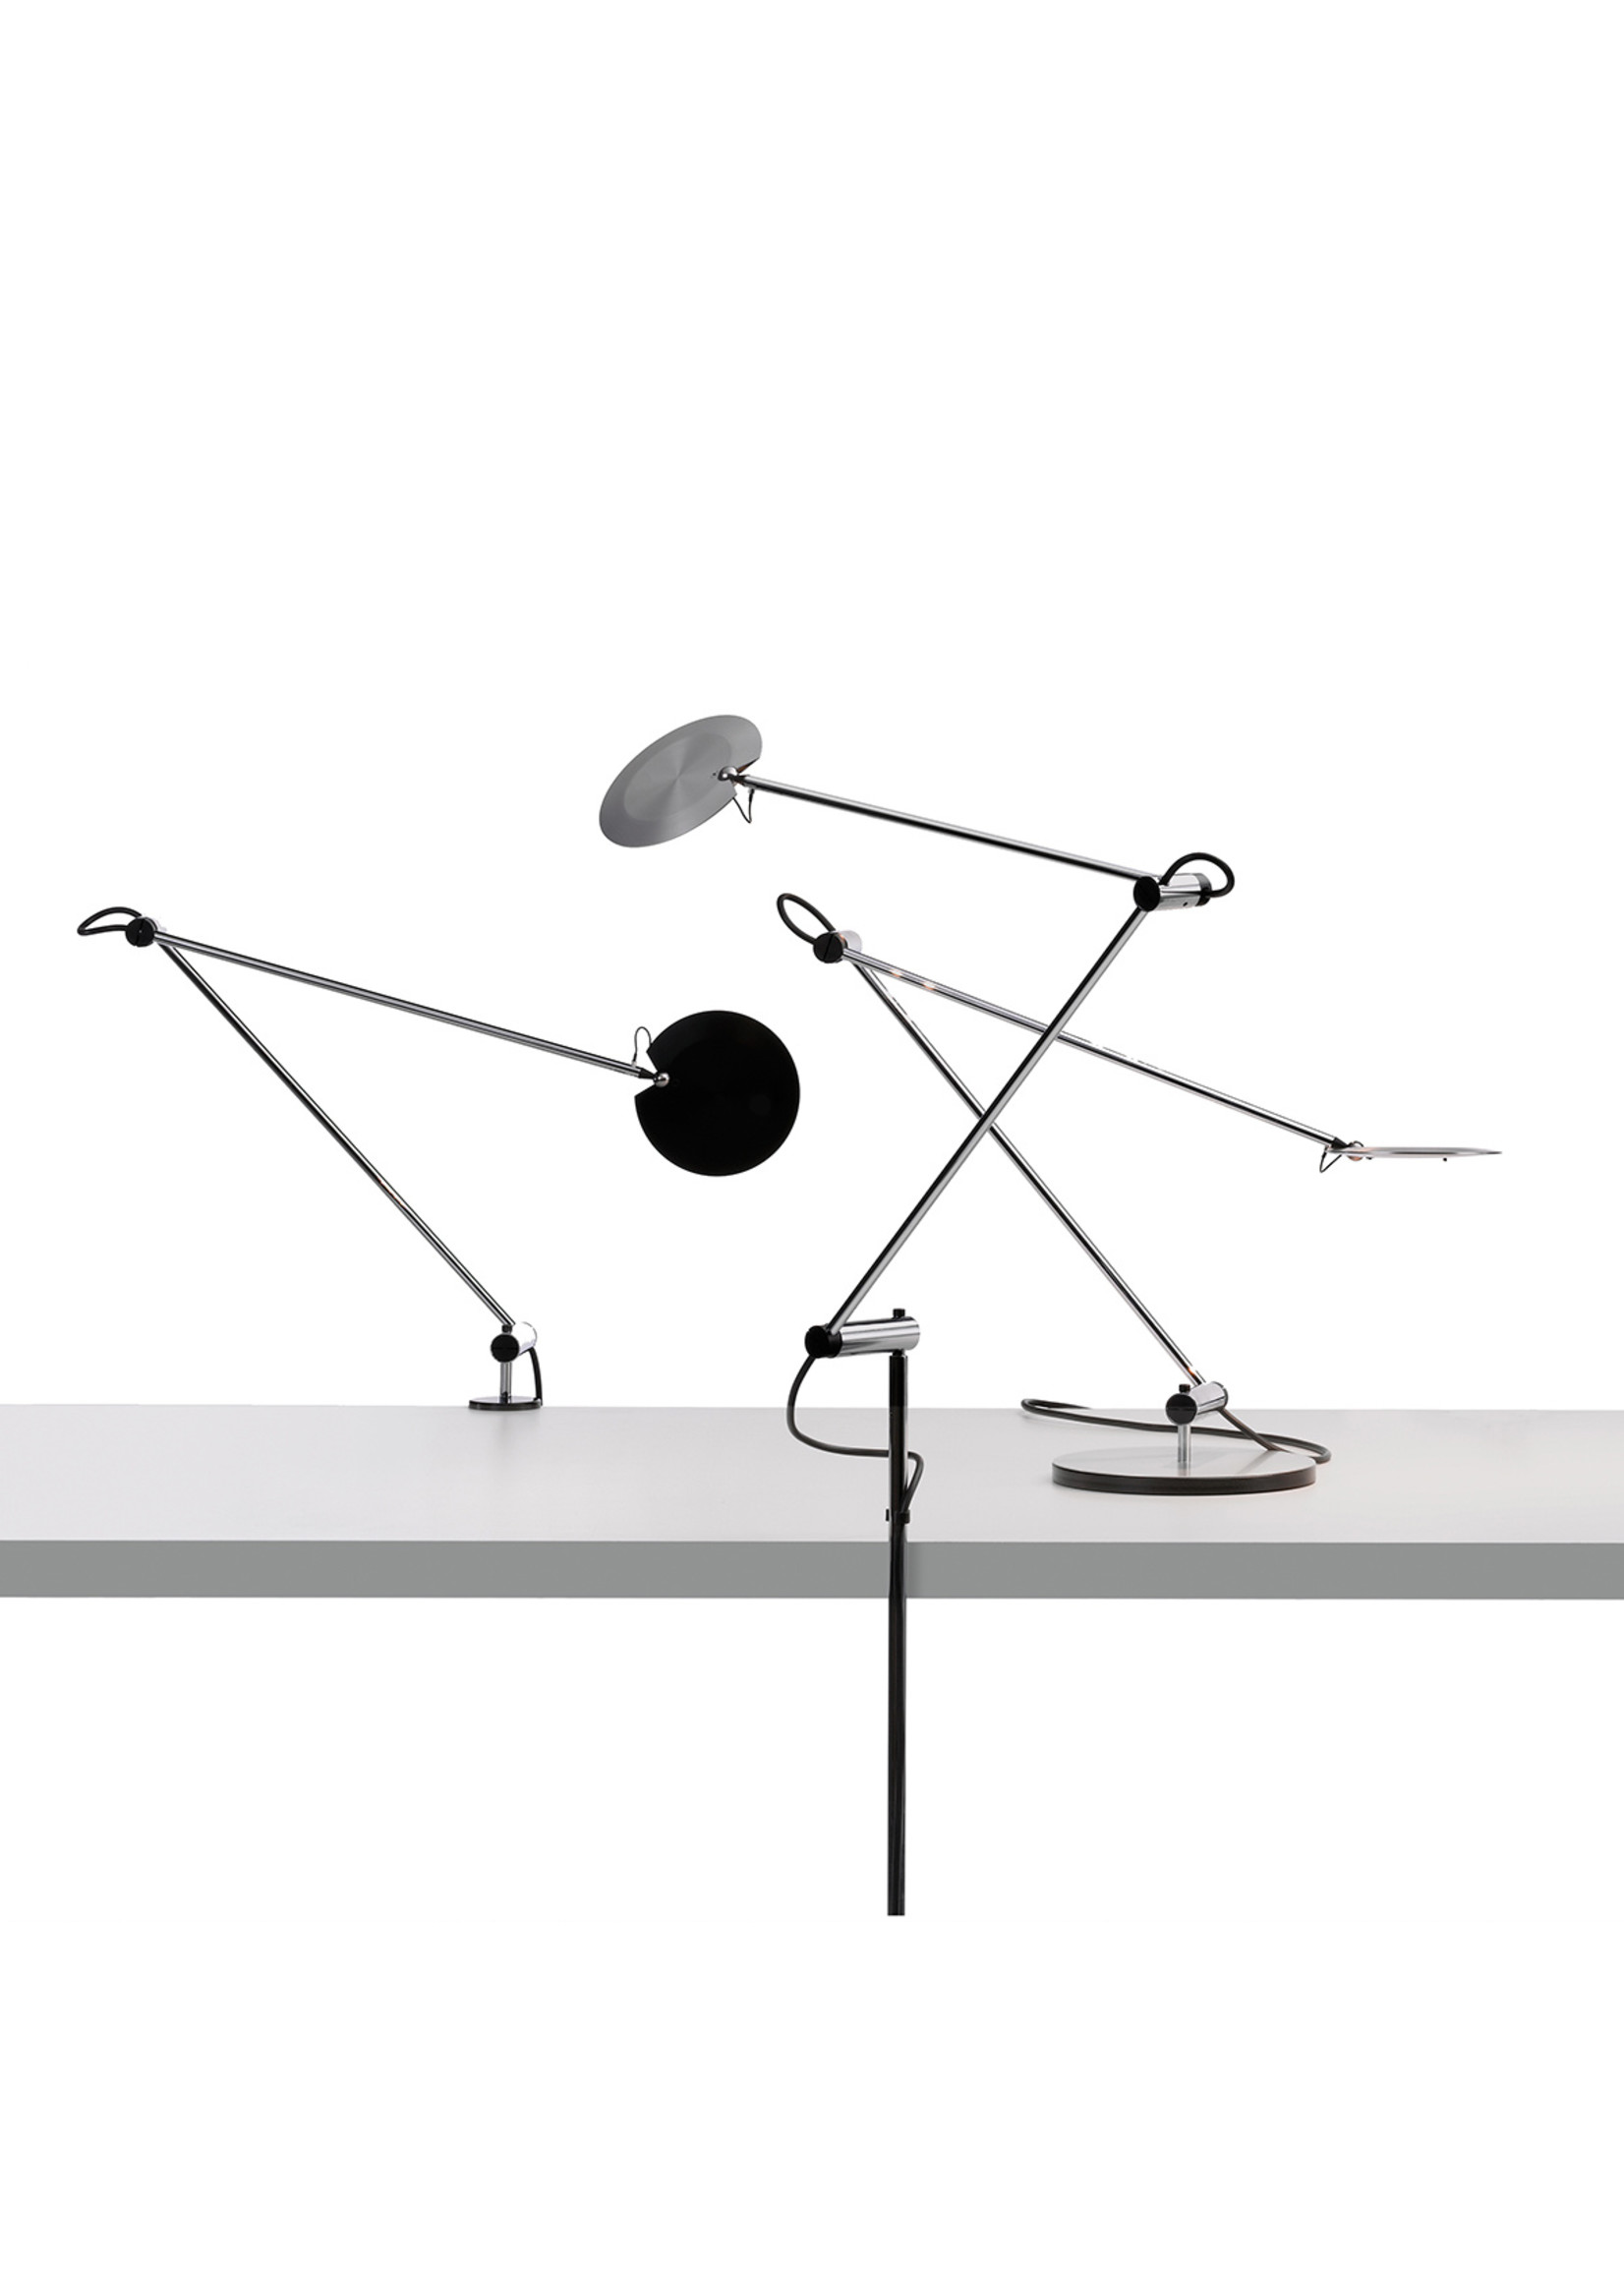 PINA LED Tischleuchte mit Kugeladapter passend zu usm